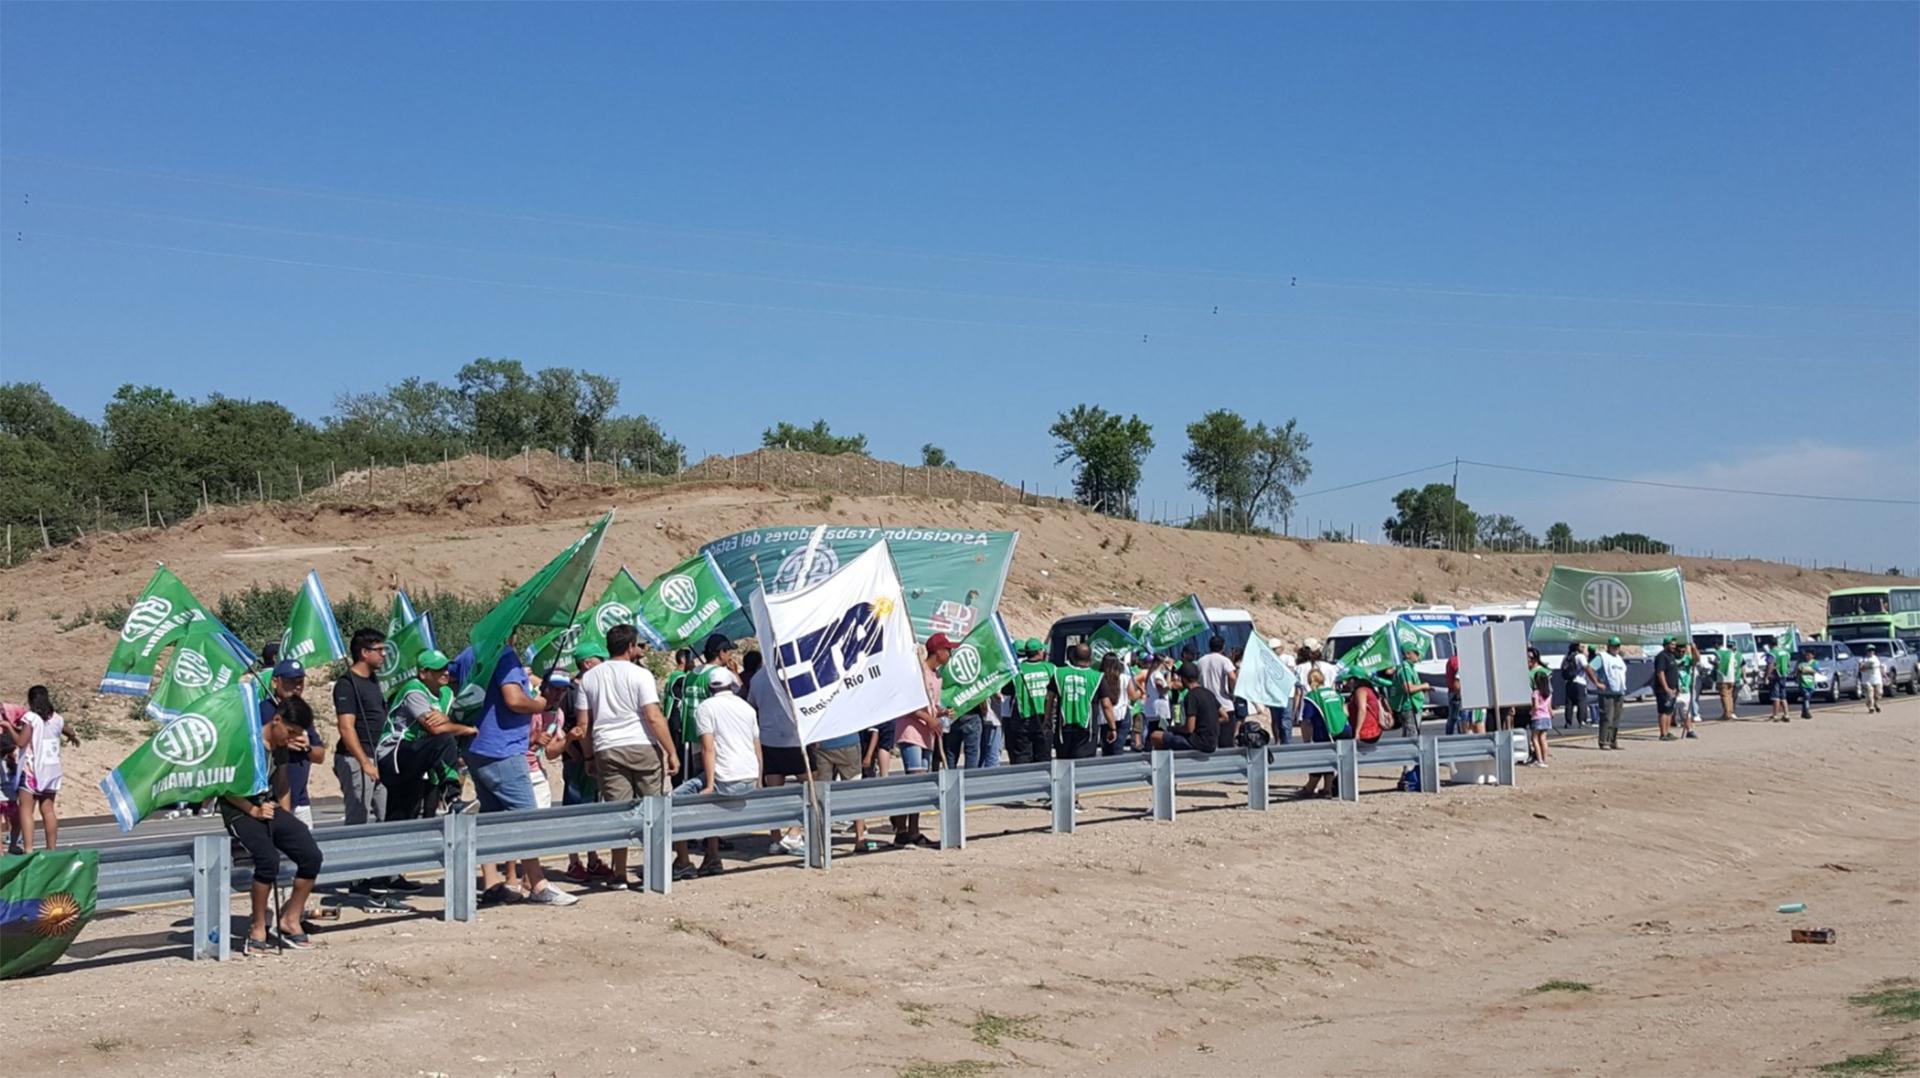 Uno de los cortes de ruta en la autopista Córdoba-Río Cuarto, en reclamo de reincorporación de los despedidos de Fabricaciones Militares